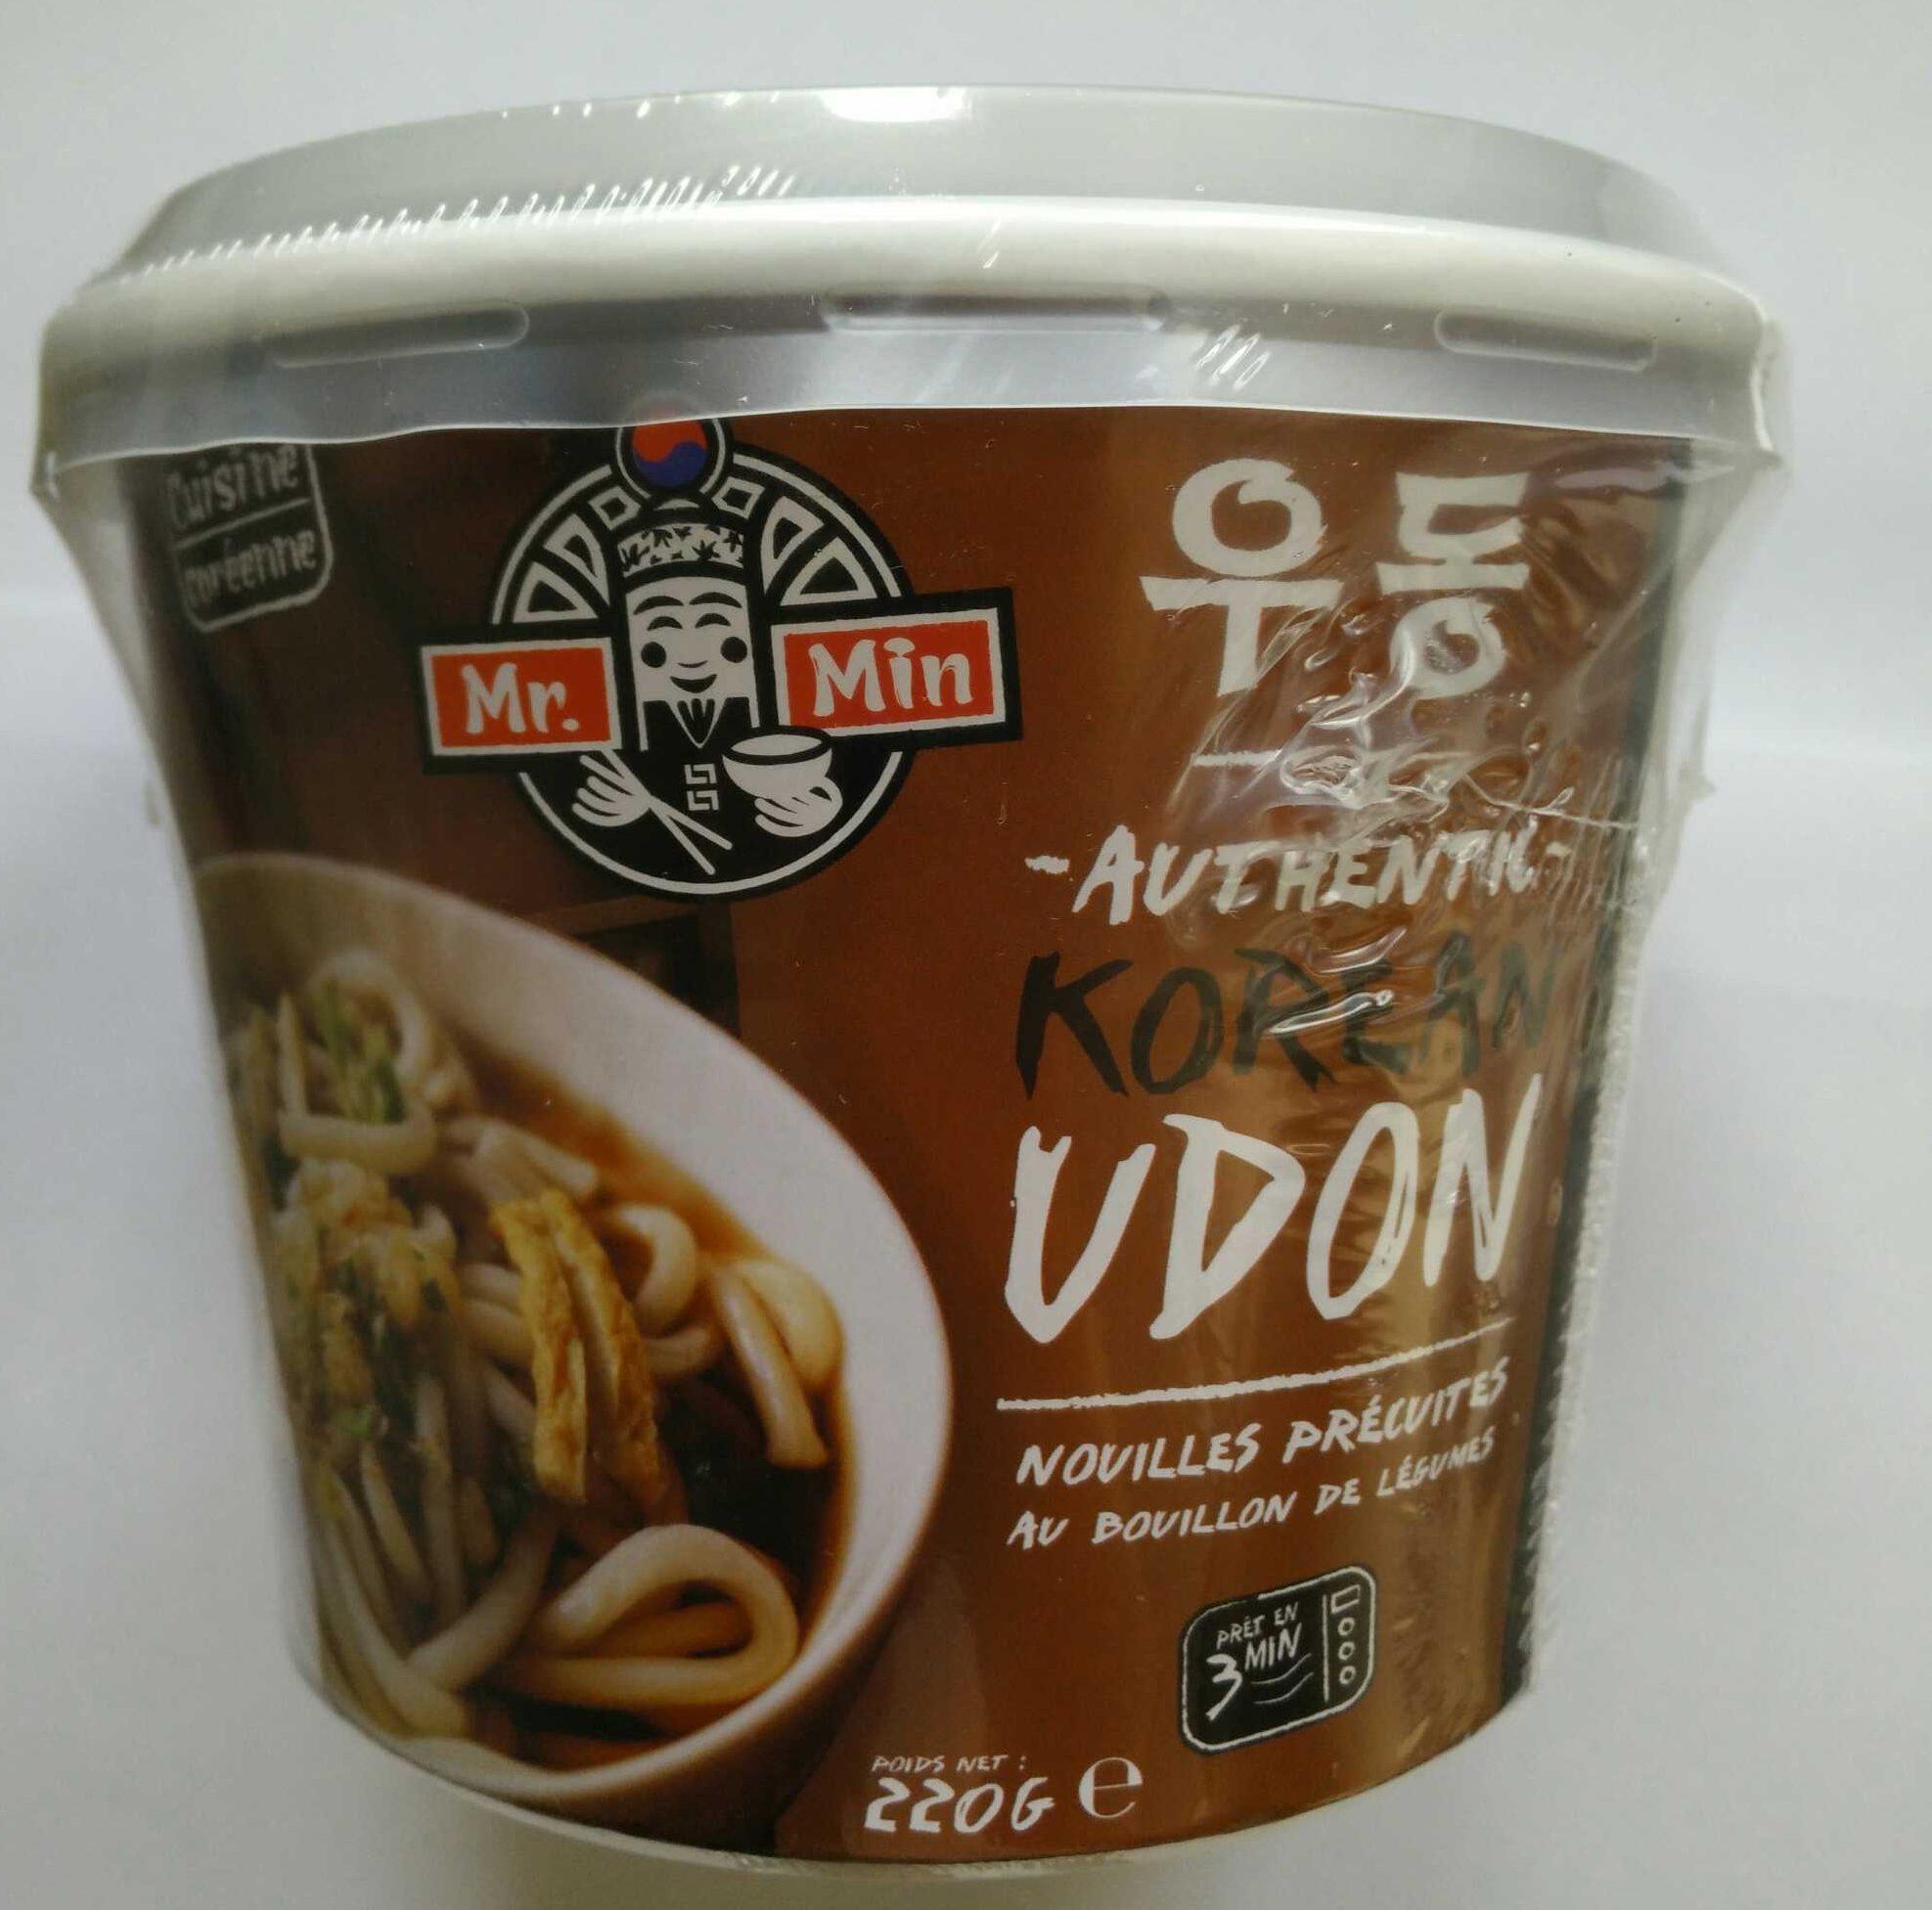 Authentic Korean Udon - Produit